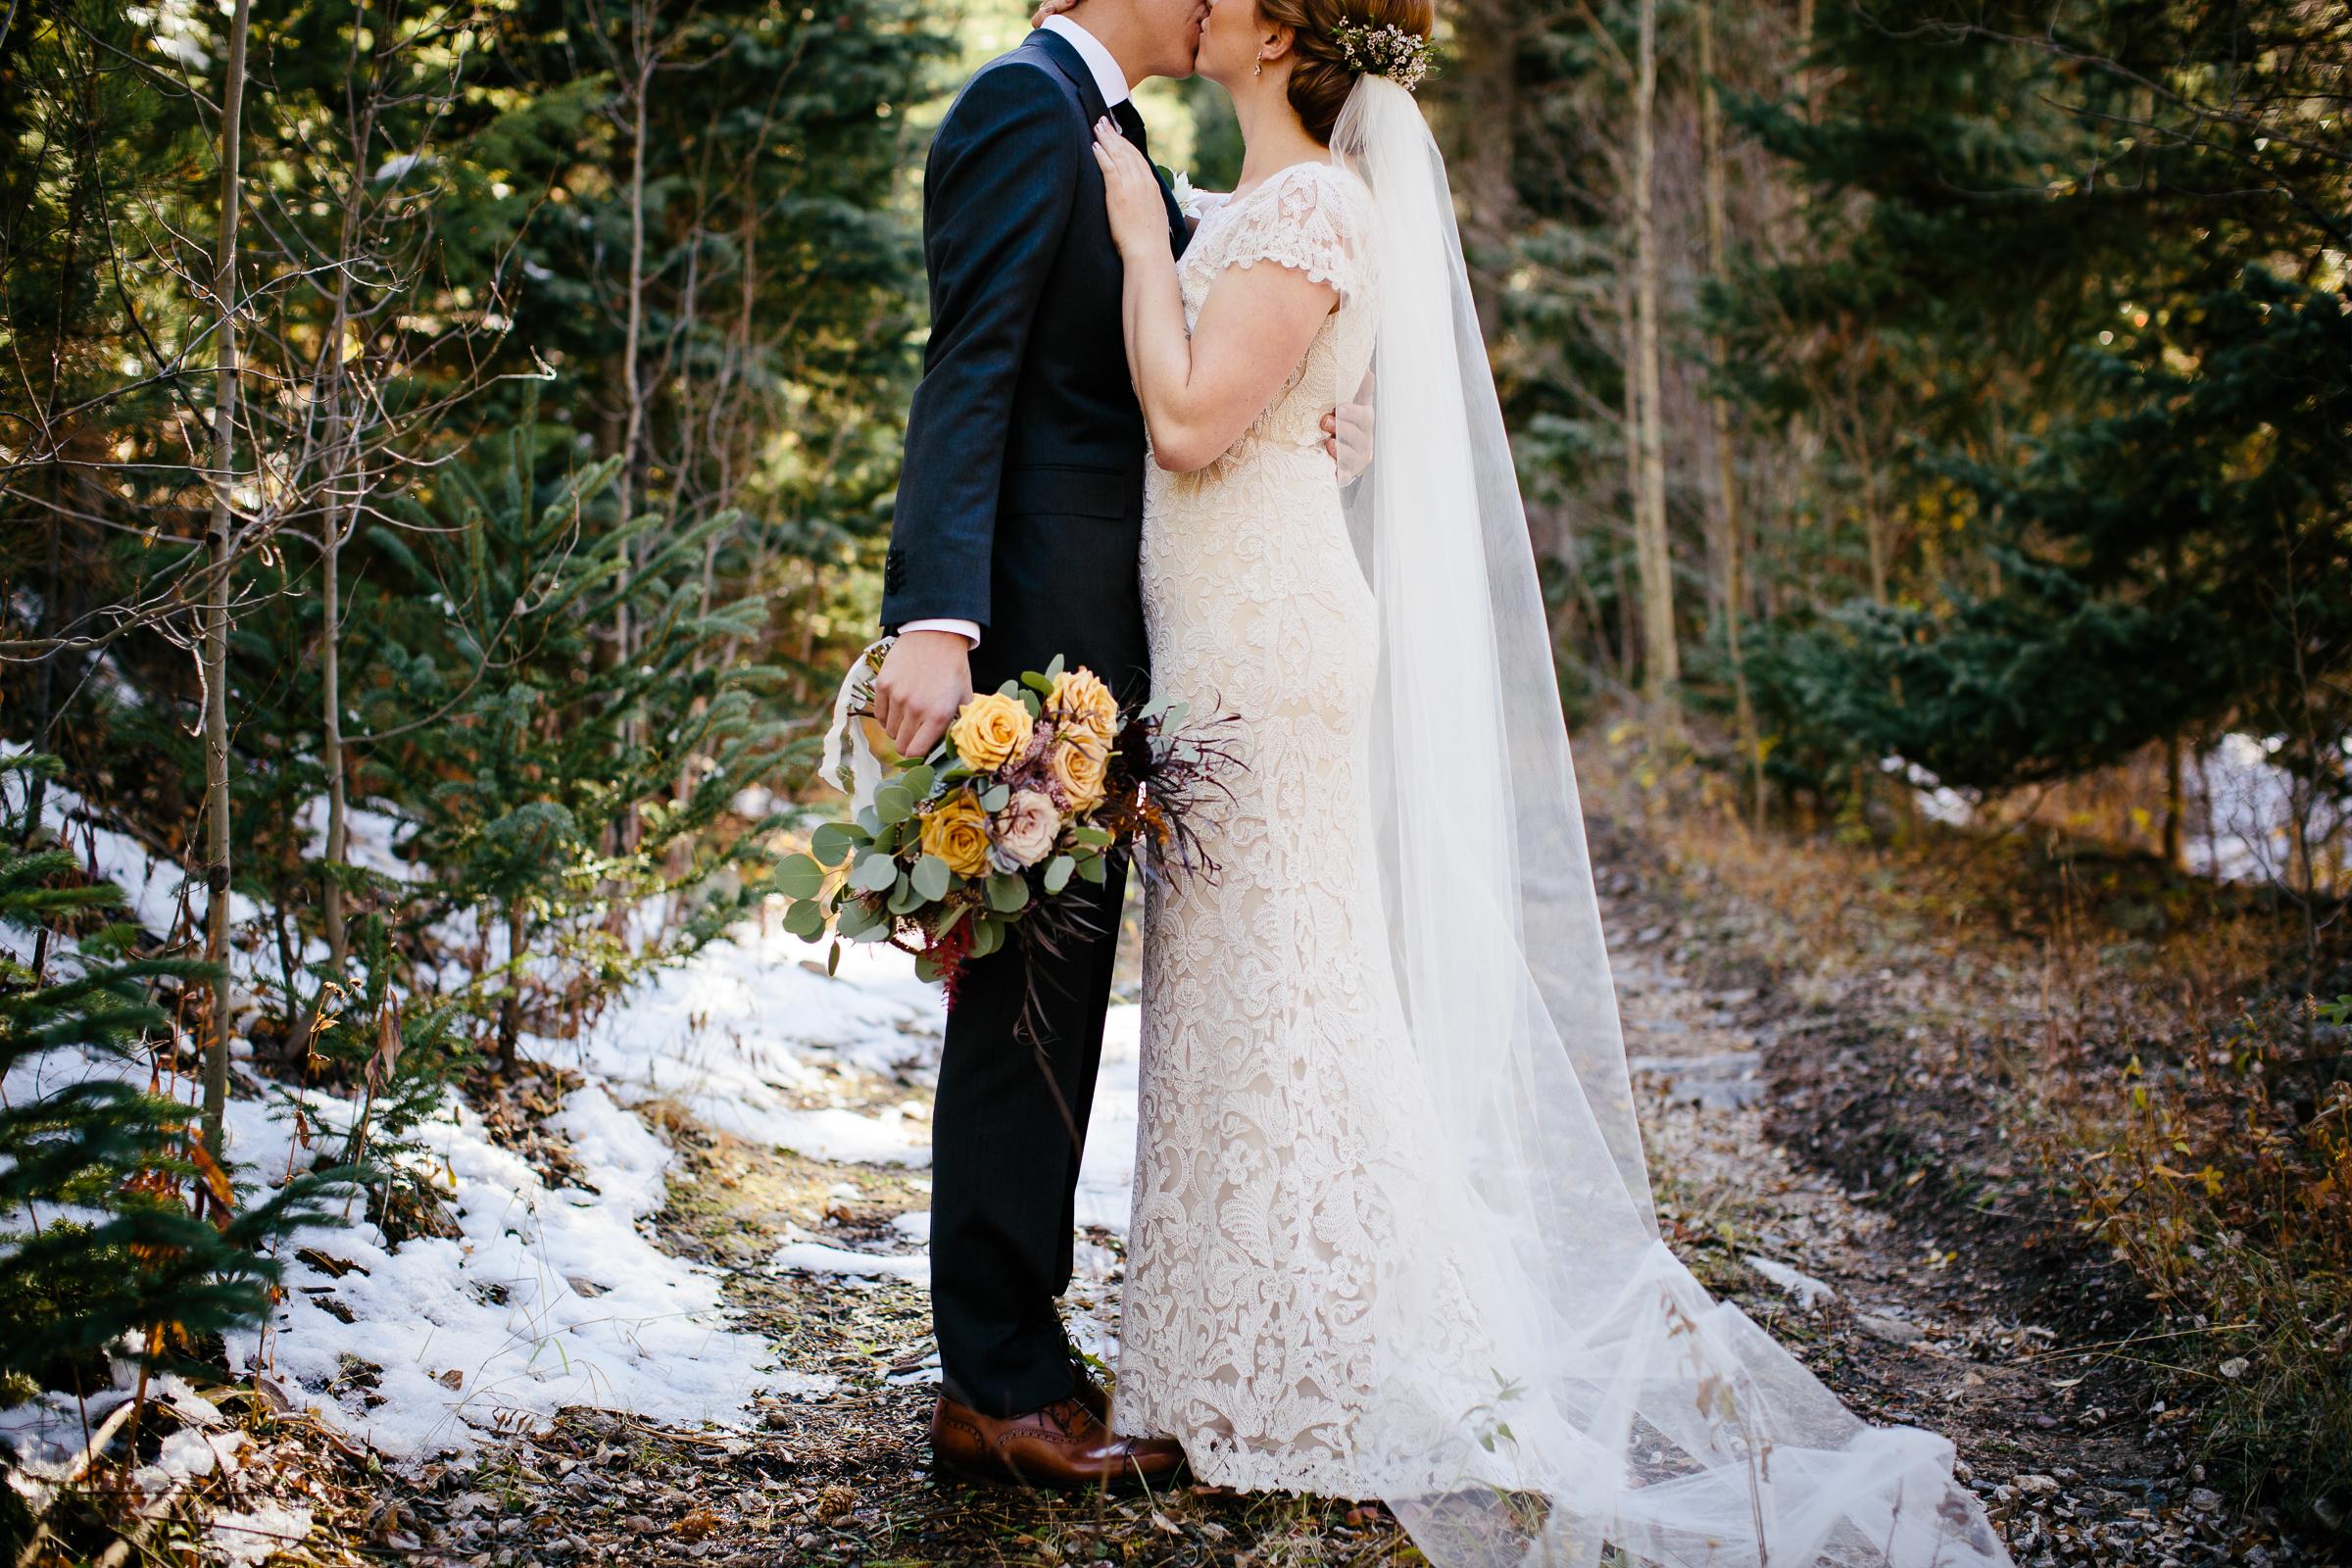 S+S, Married{MWP}-253.jpg